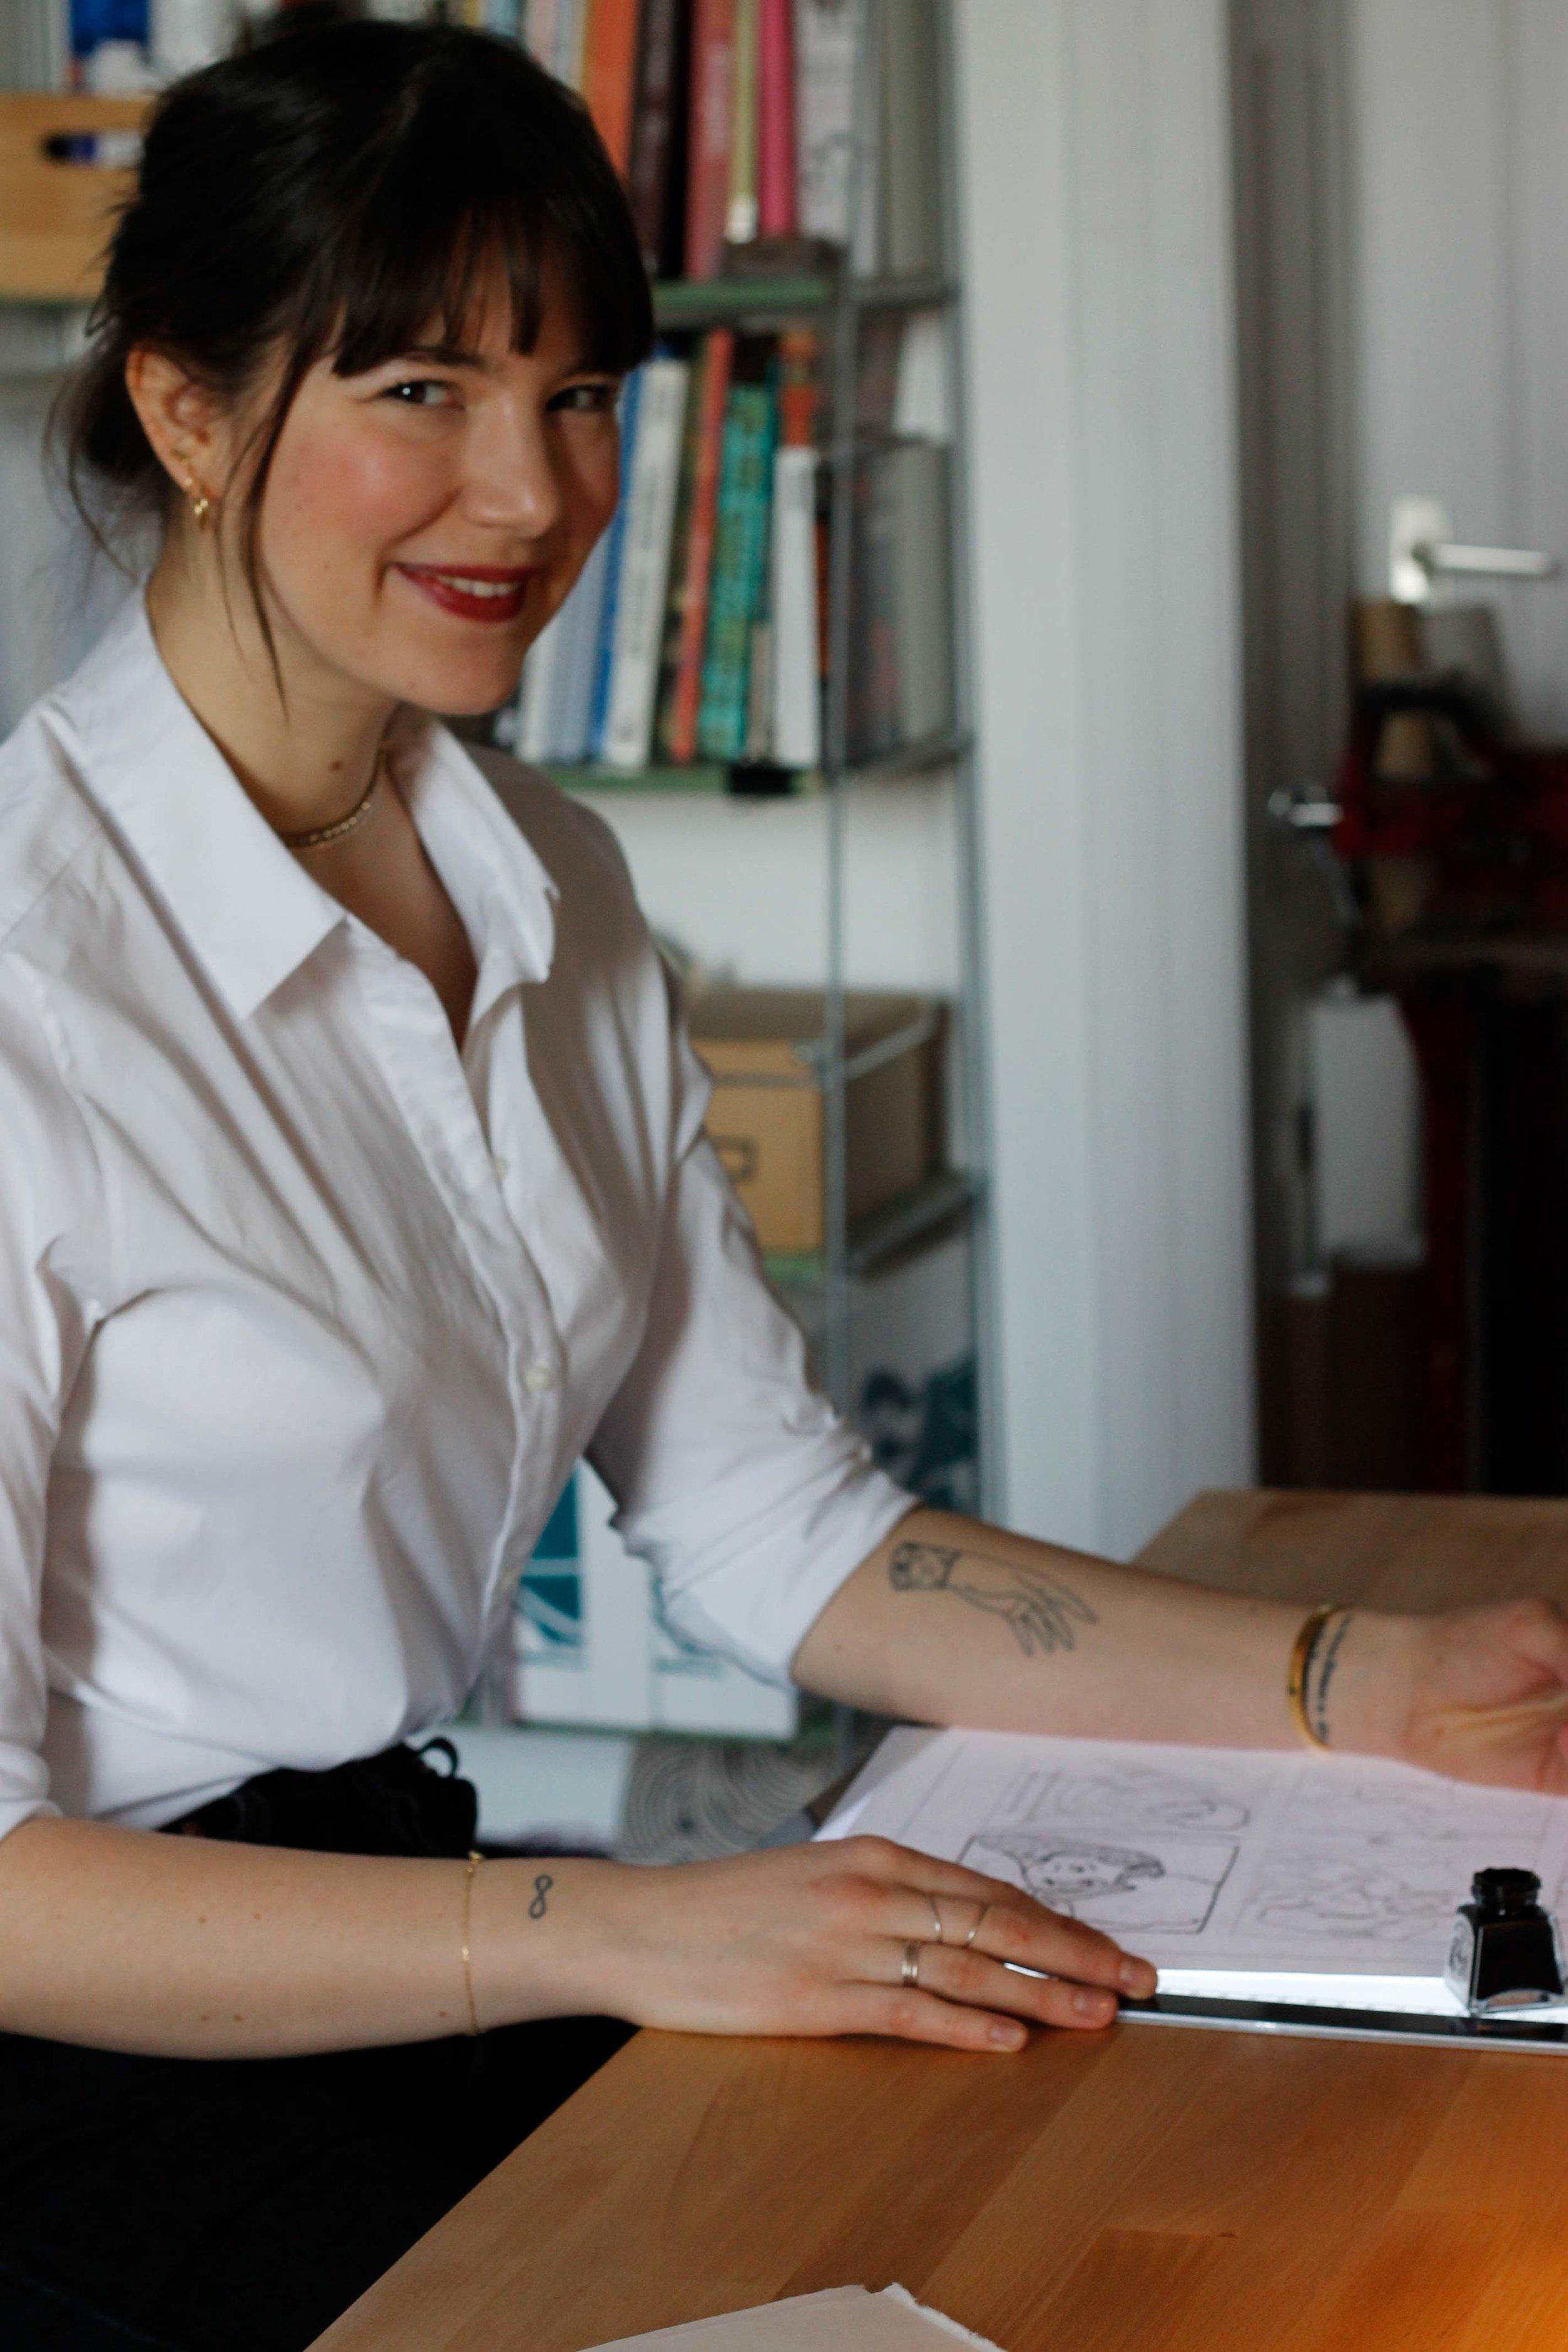 marie-de-beaucourt-blog-becoming-illustrator6.jpg